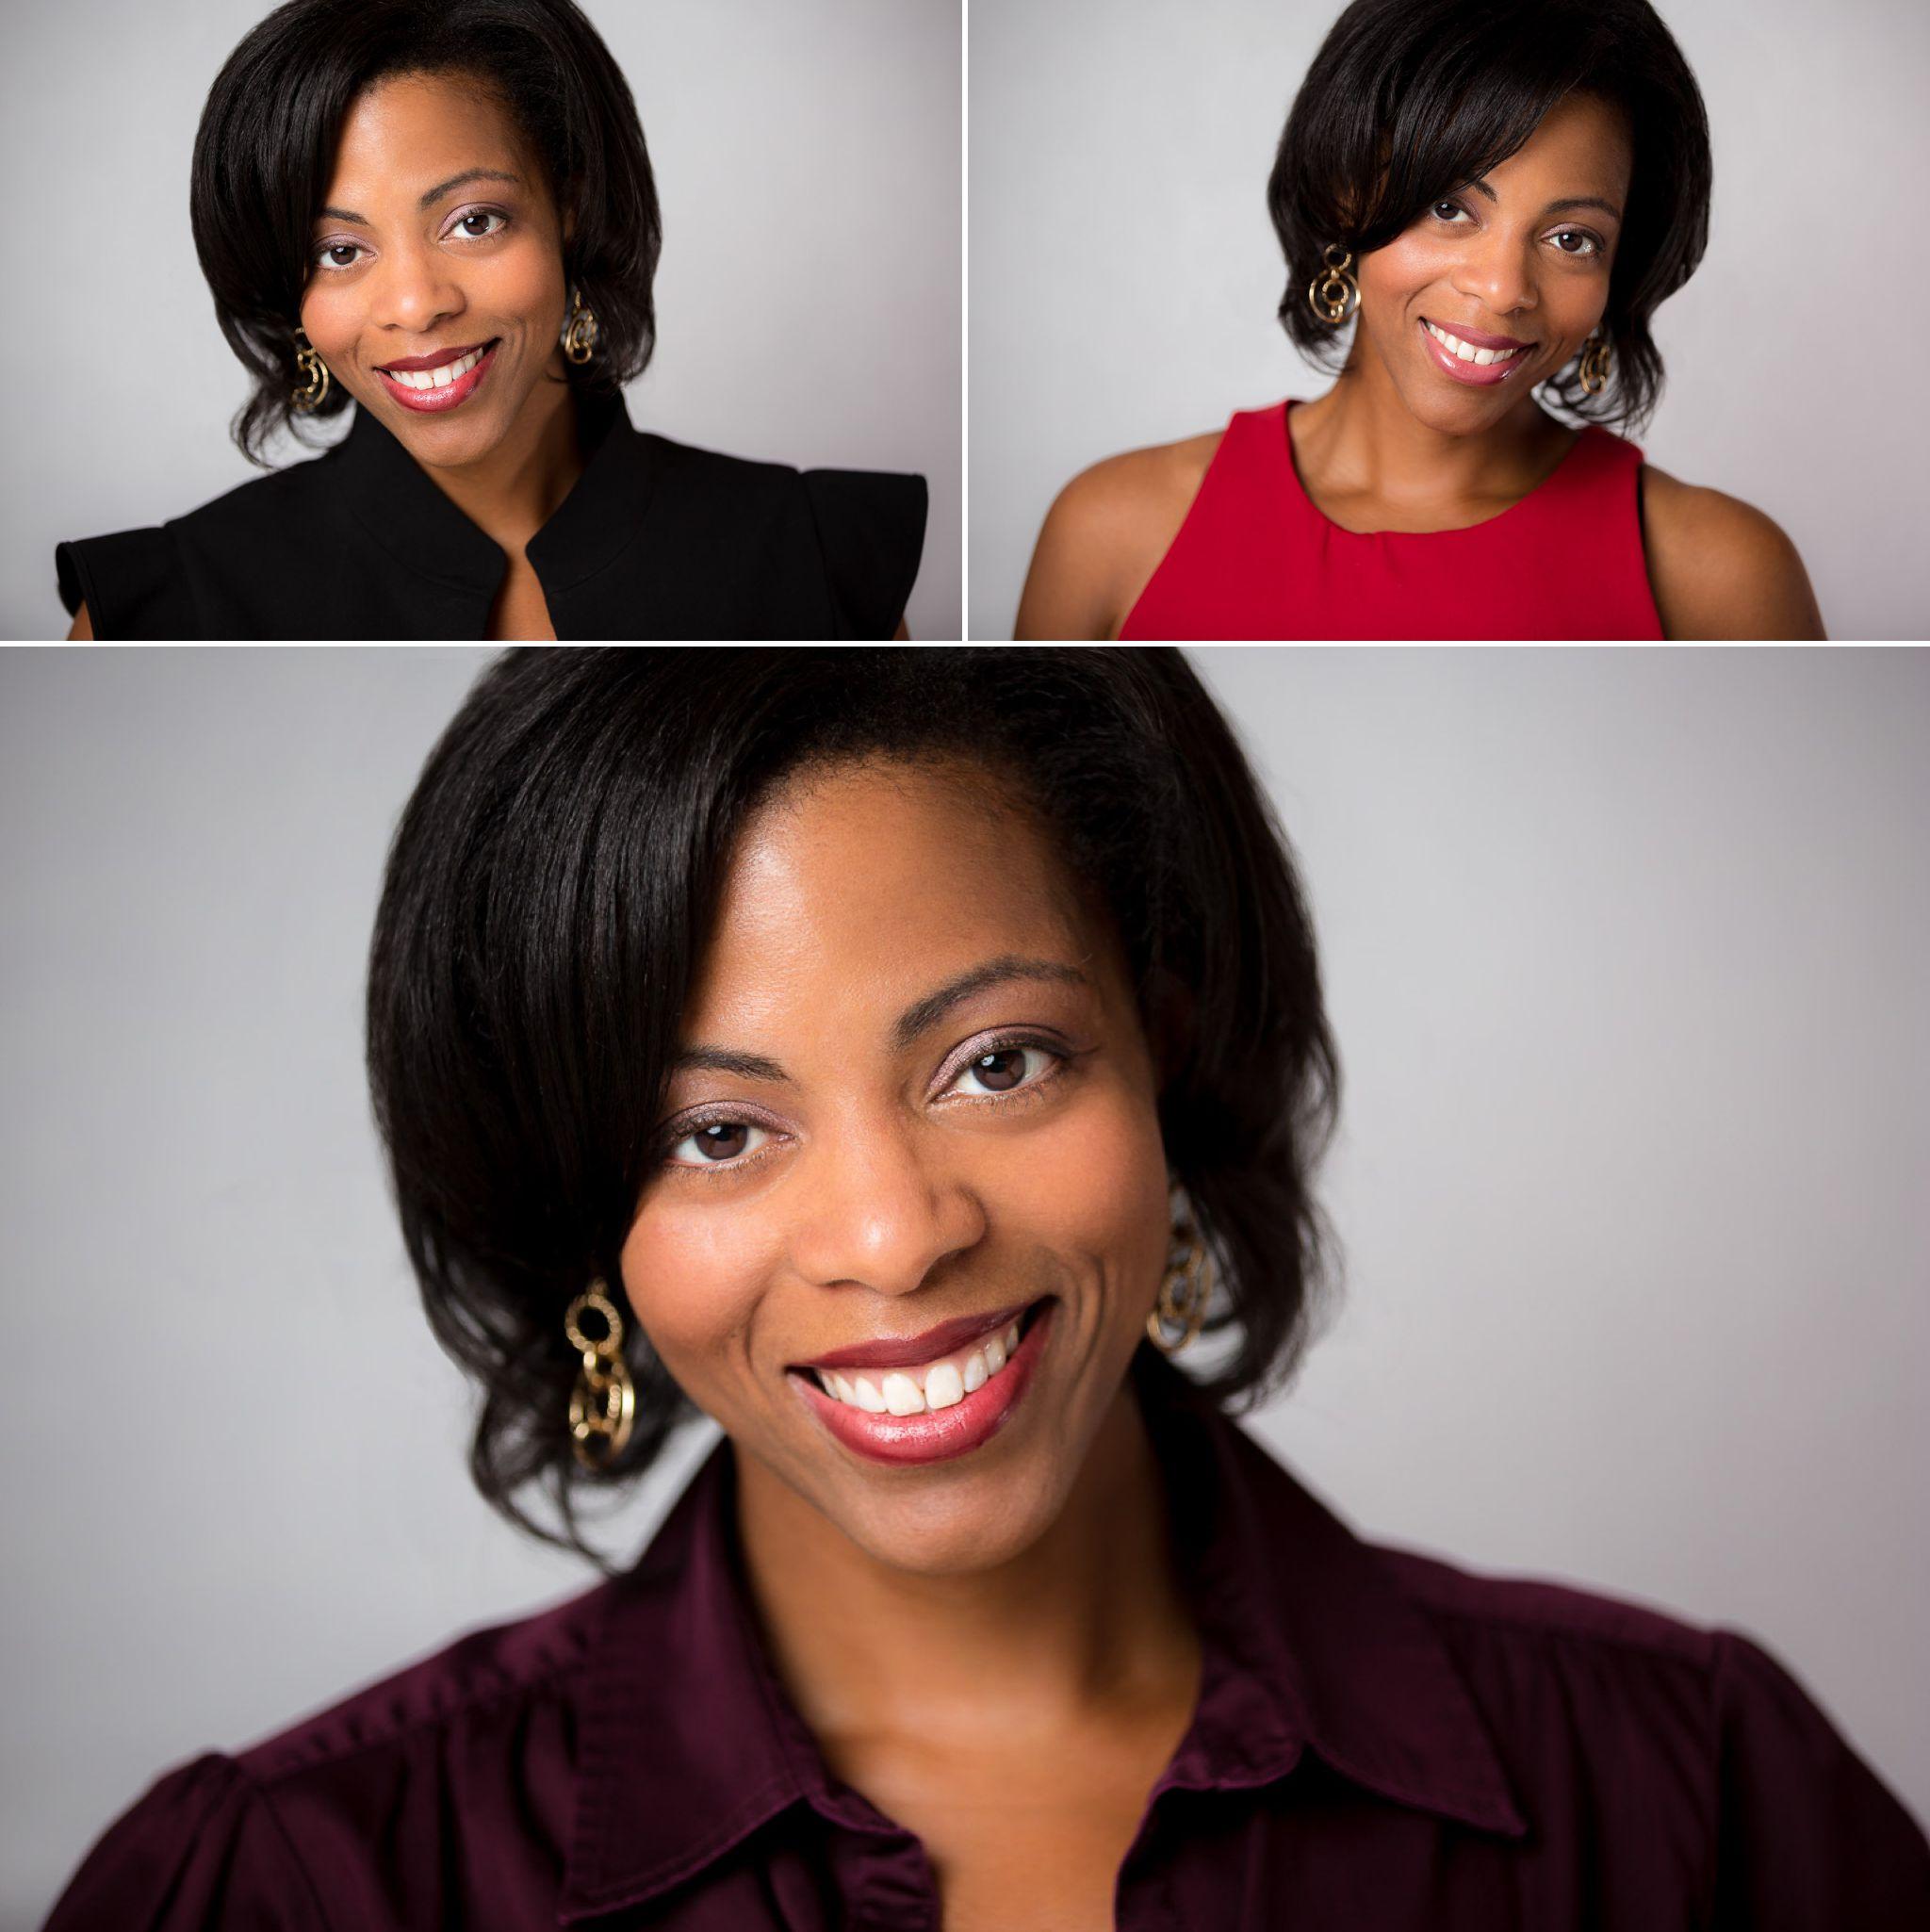 Women 7-Headshots-Washington-DC-Lenzy-Ruffin-Photography.jpg